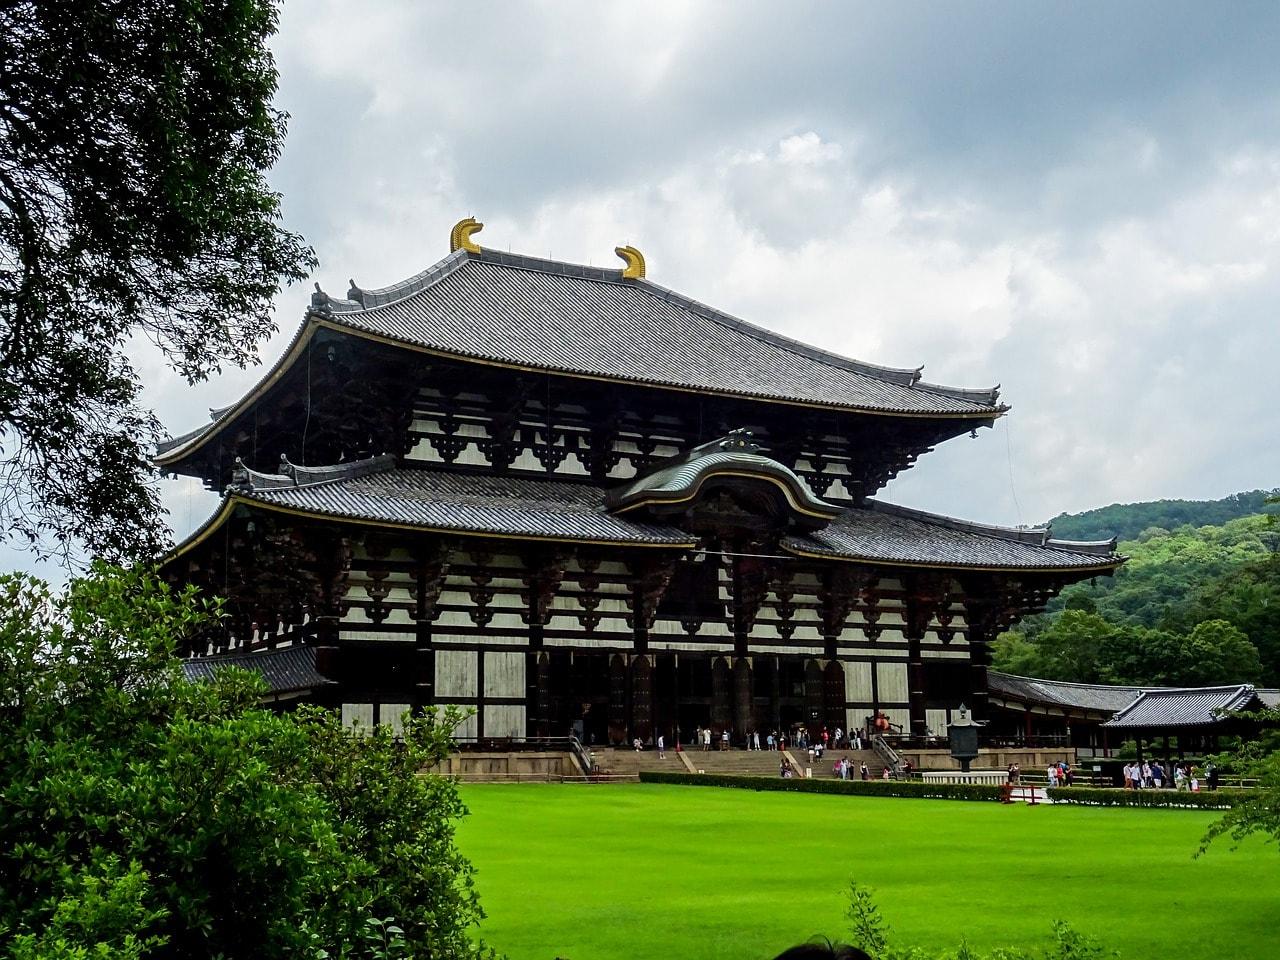 Nara,Japan